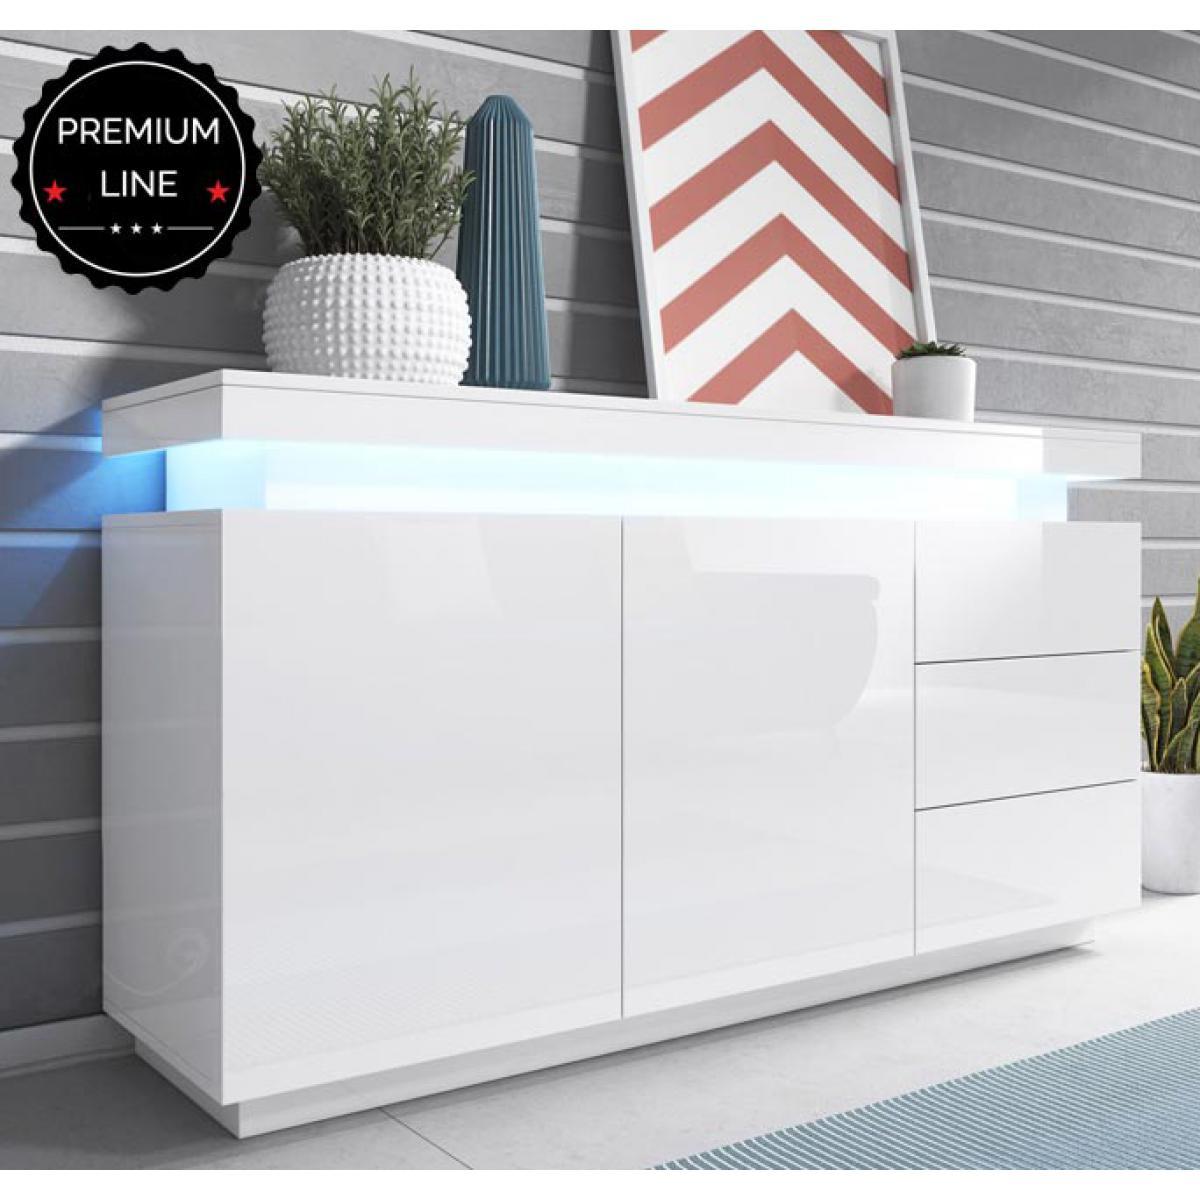 Design Ameublement Bahut modèle Osim couleur blanc